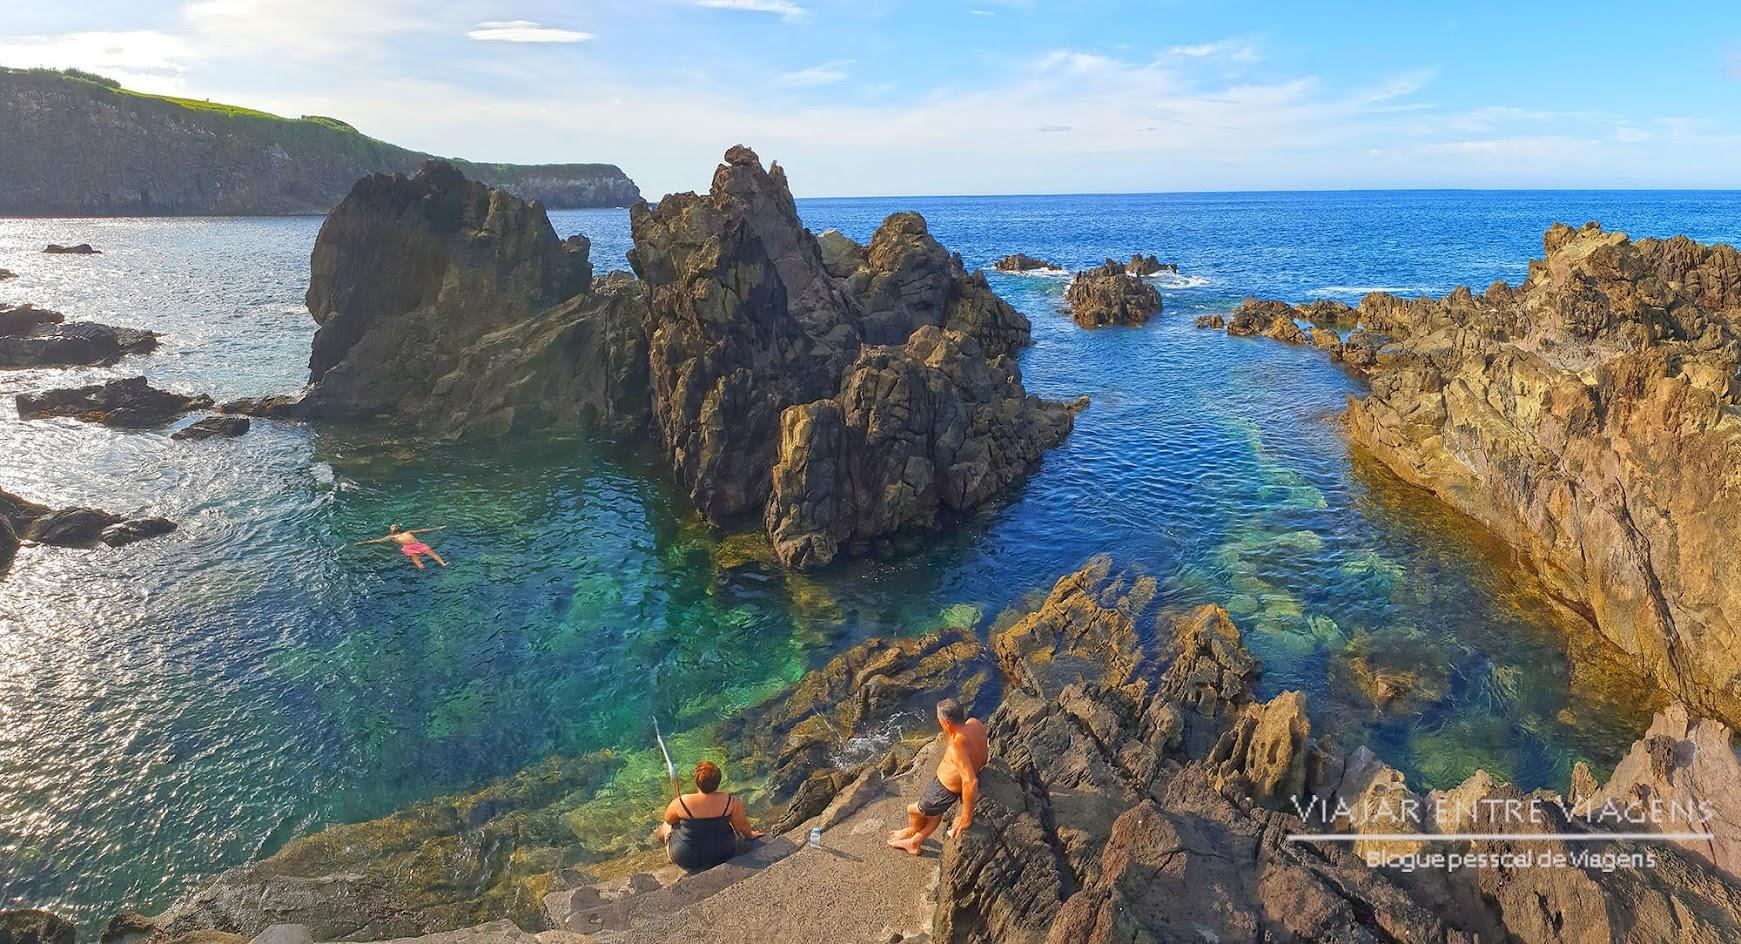 Banhar-se numa piscina de lava das Quatro Ribeiras, na ilha Terceira